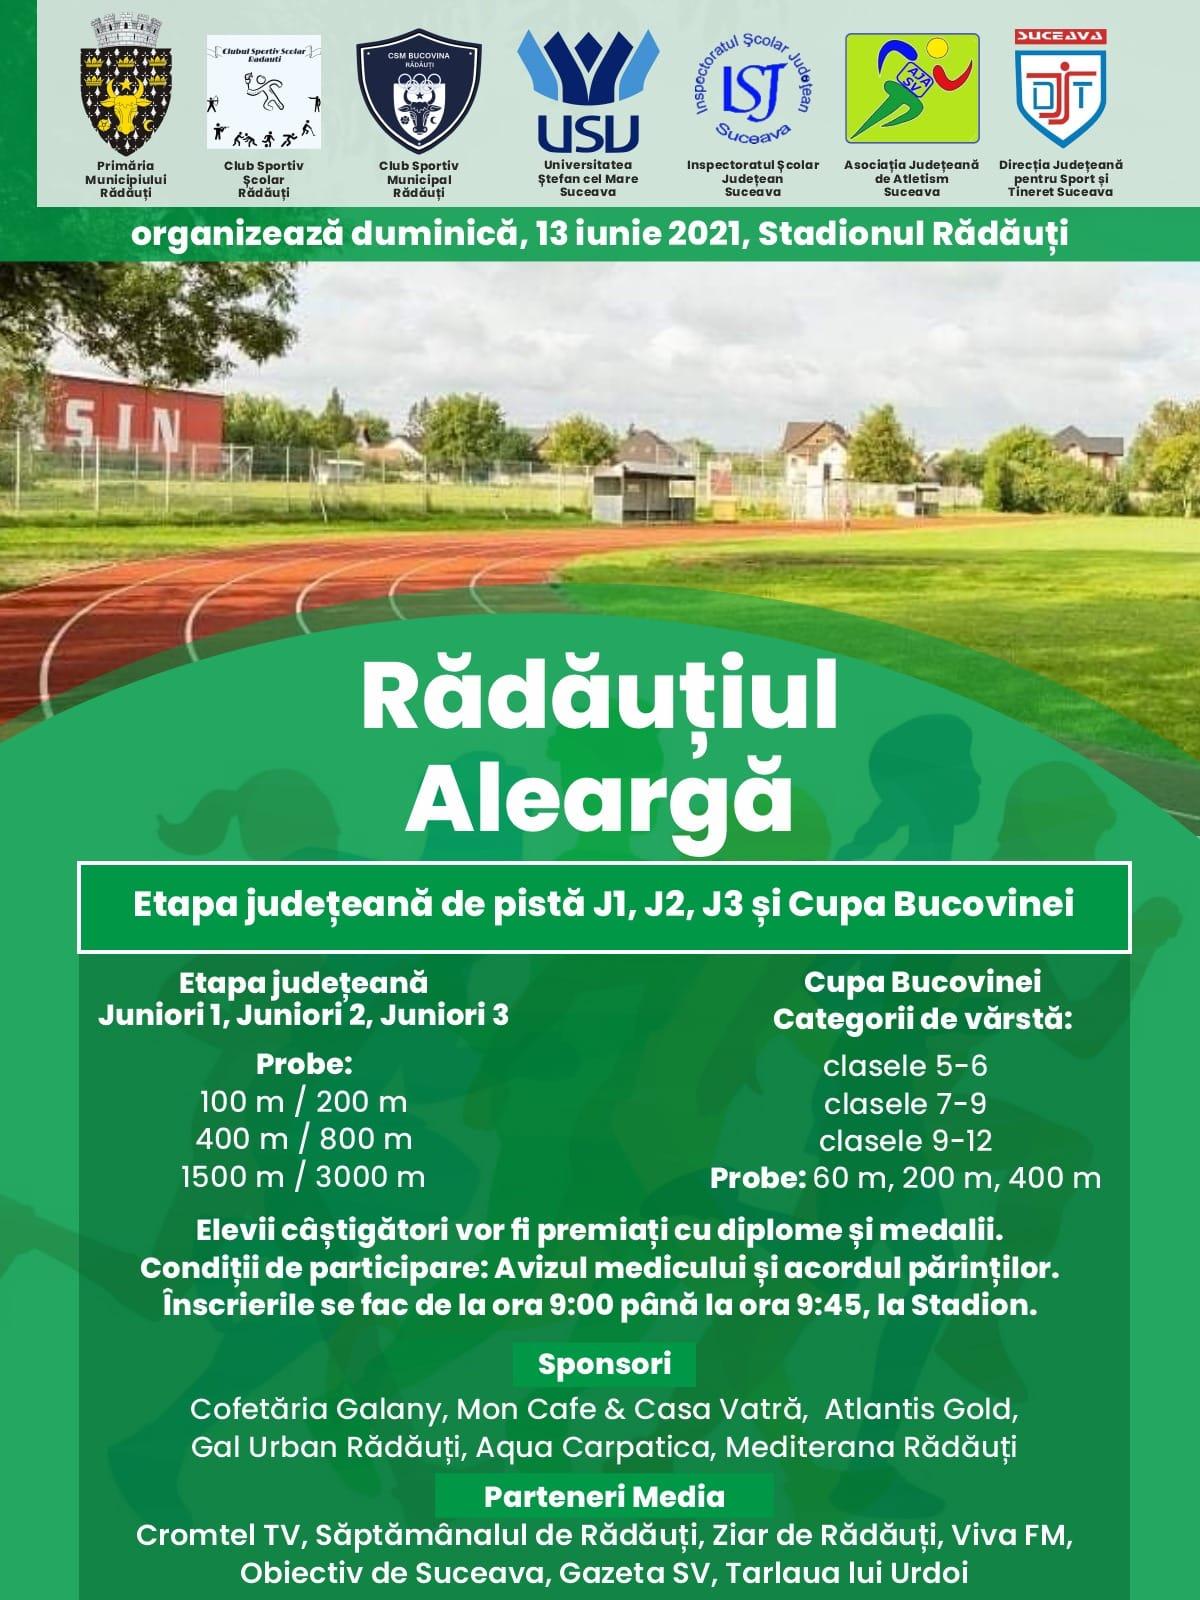 Rădăuțiul Aleargă pe Stadionul Municipal pe 13 Iunie 2021